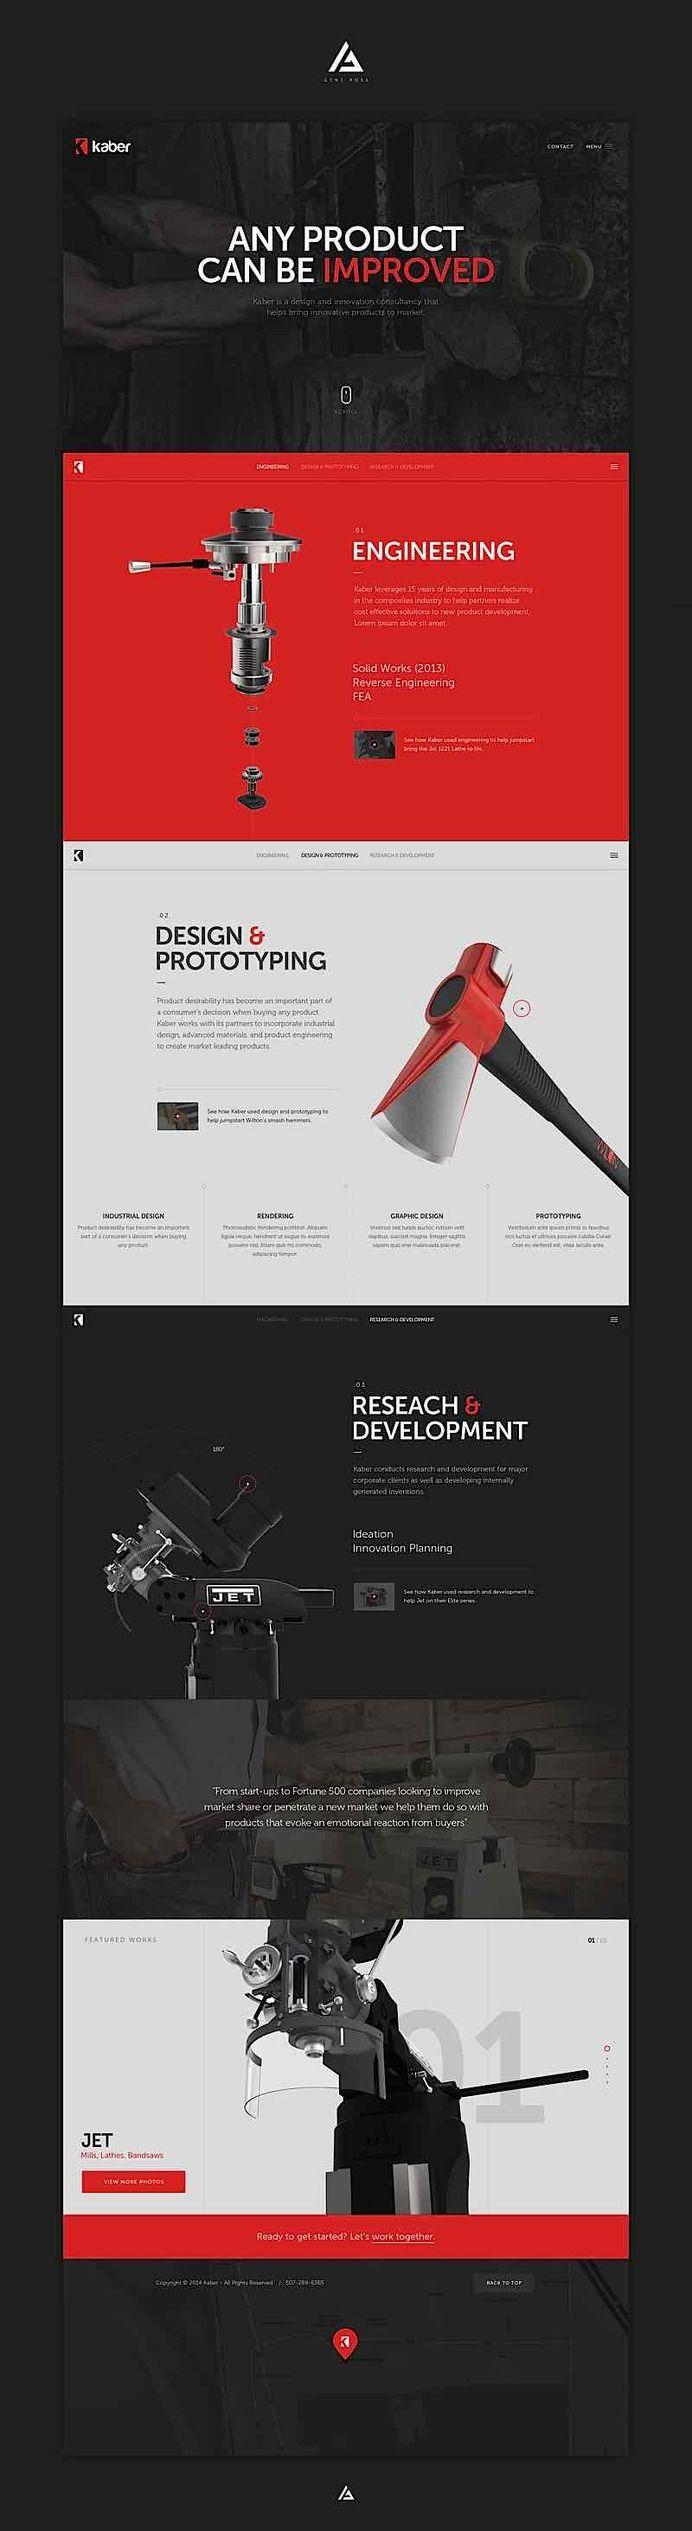 Found By Austin Lemme Clean Web Design Clean Web Design Inspiration Web Layout Design